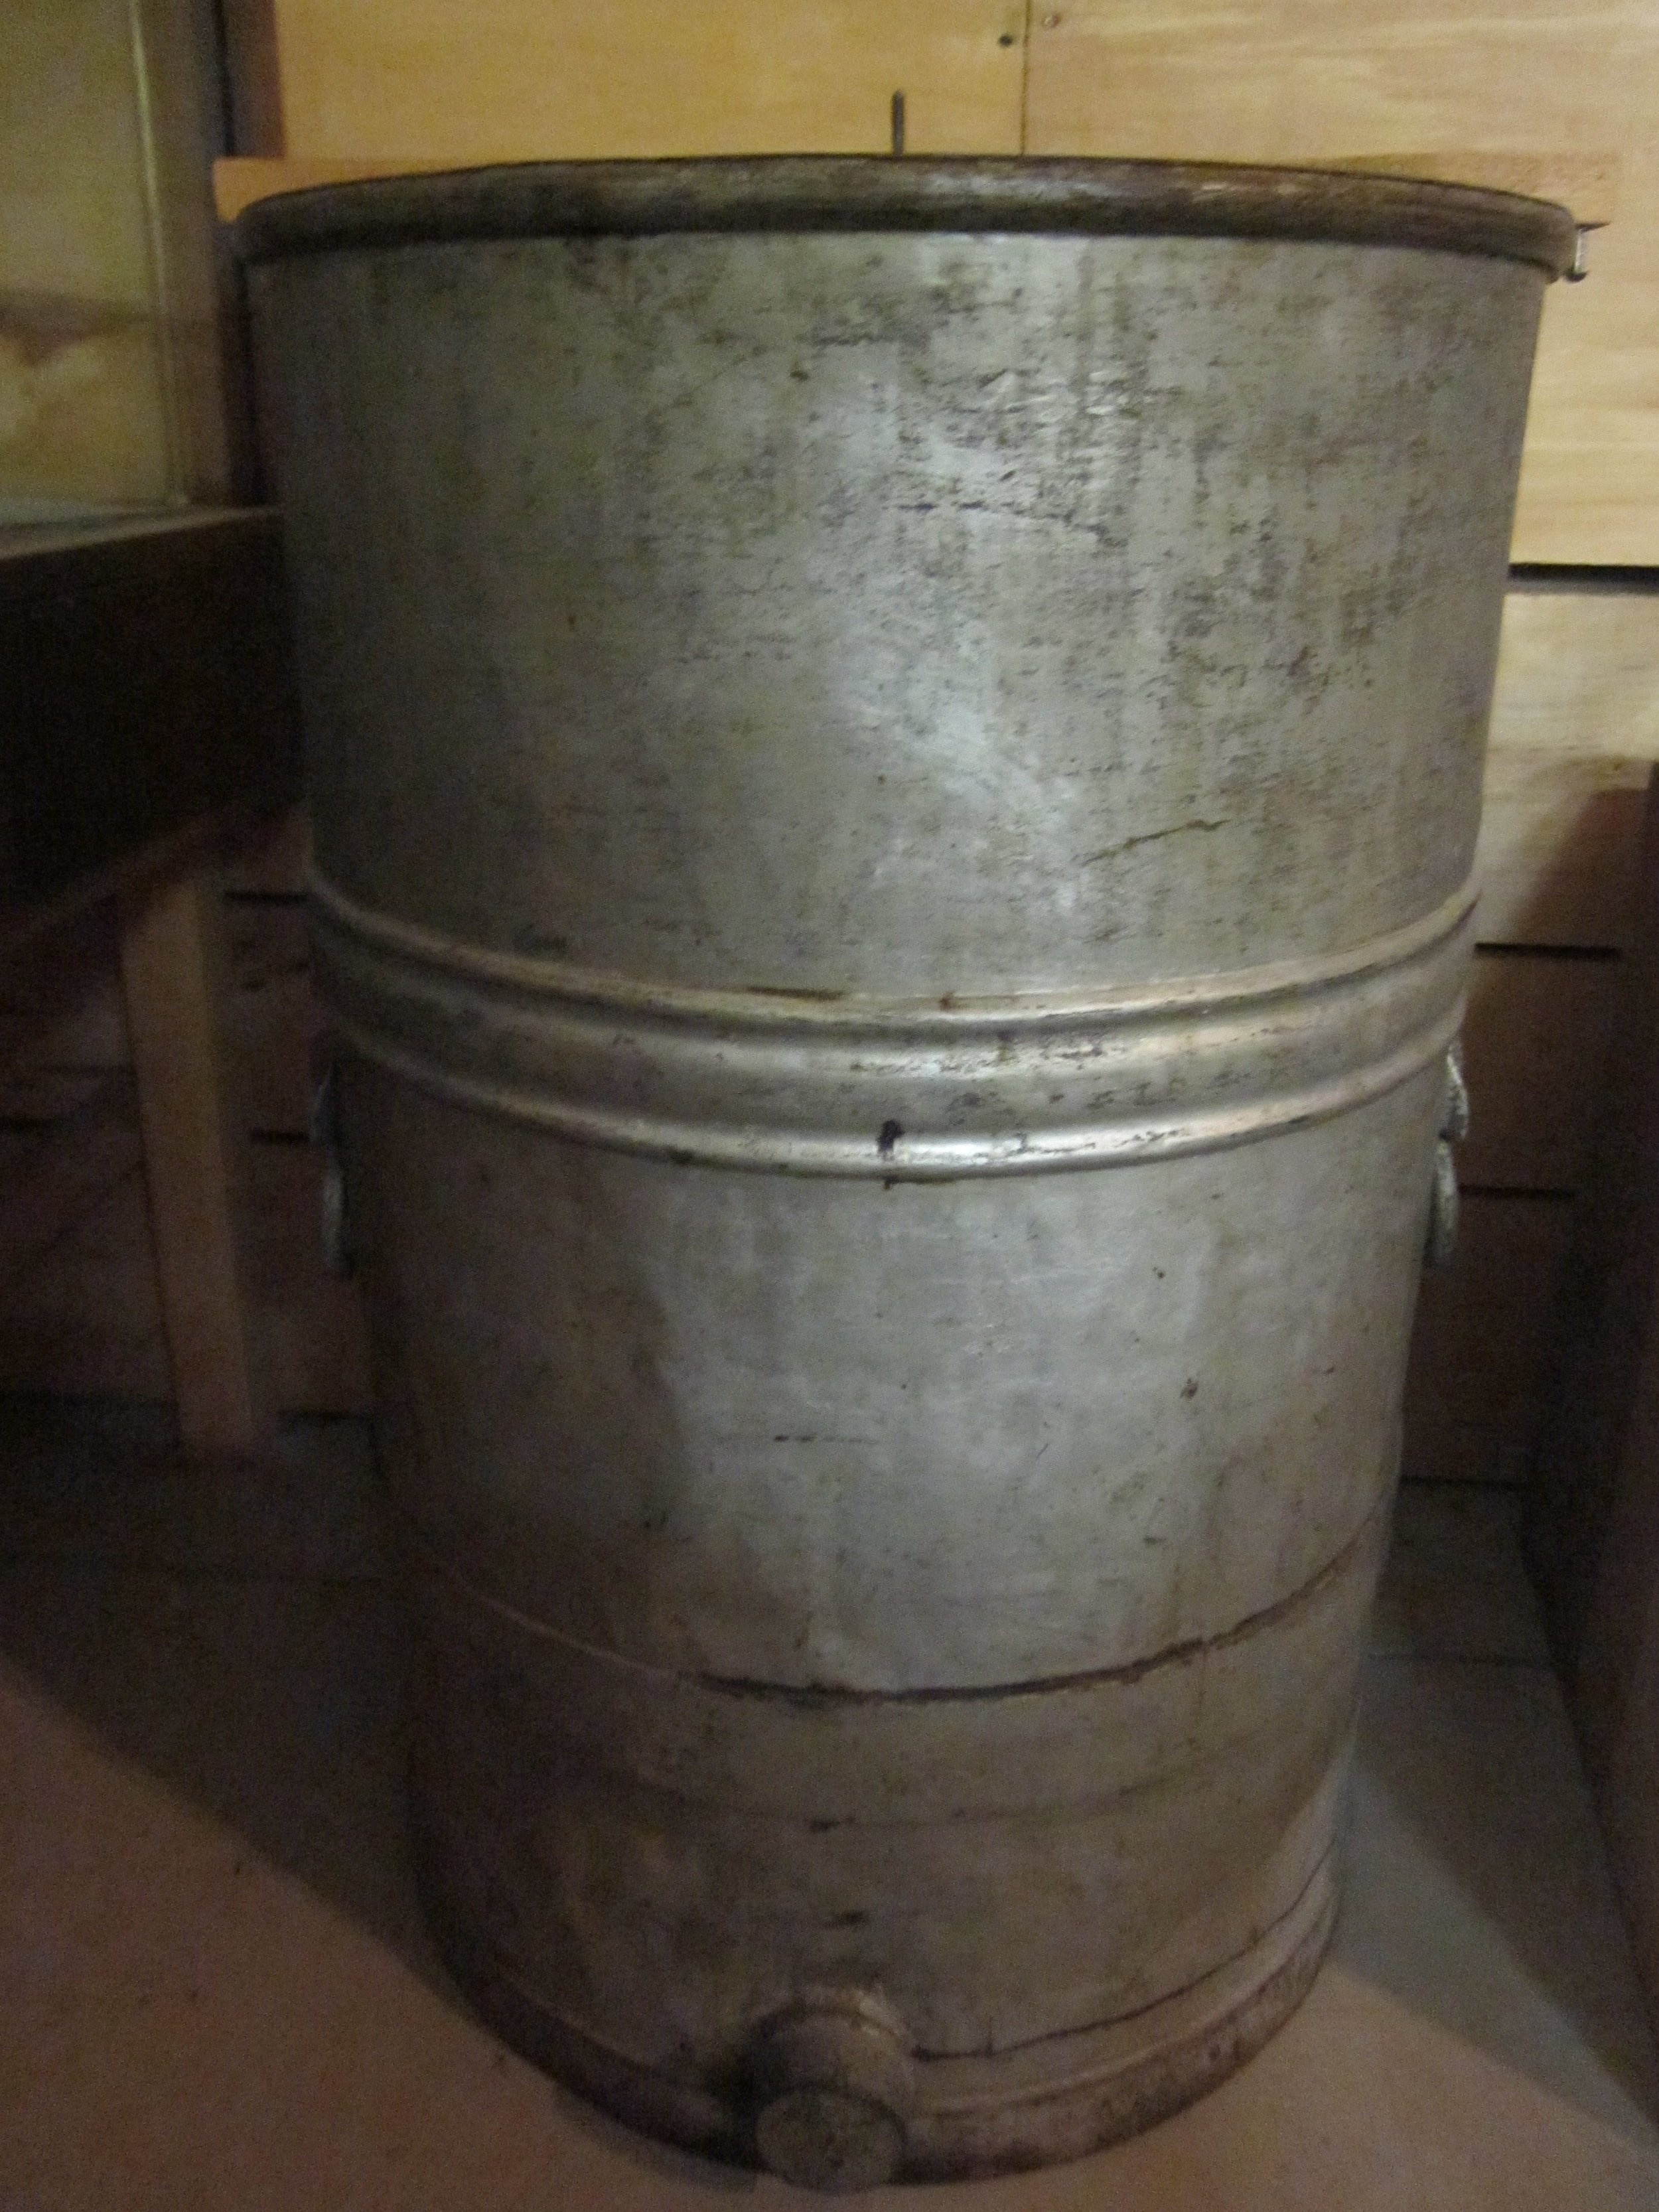 Uncapping barrel